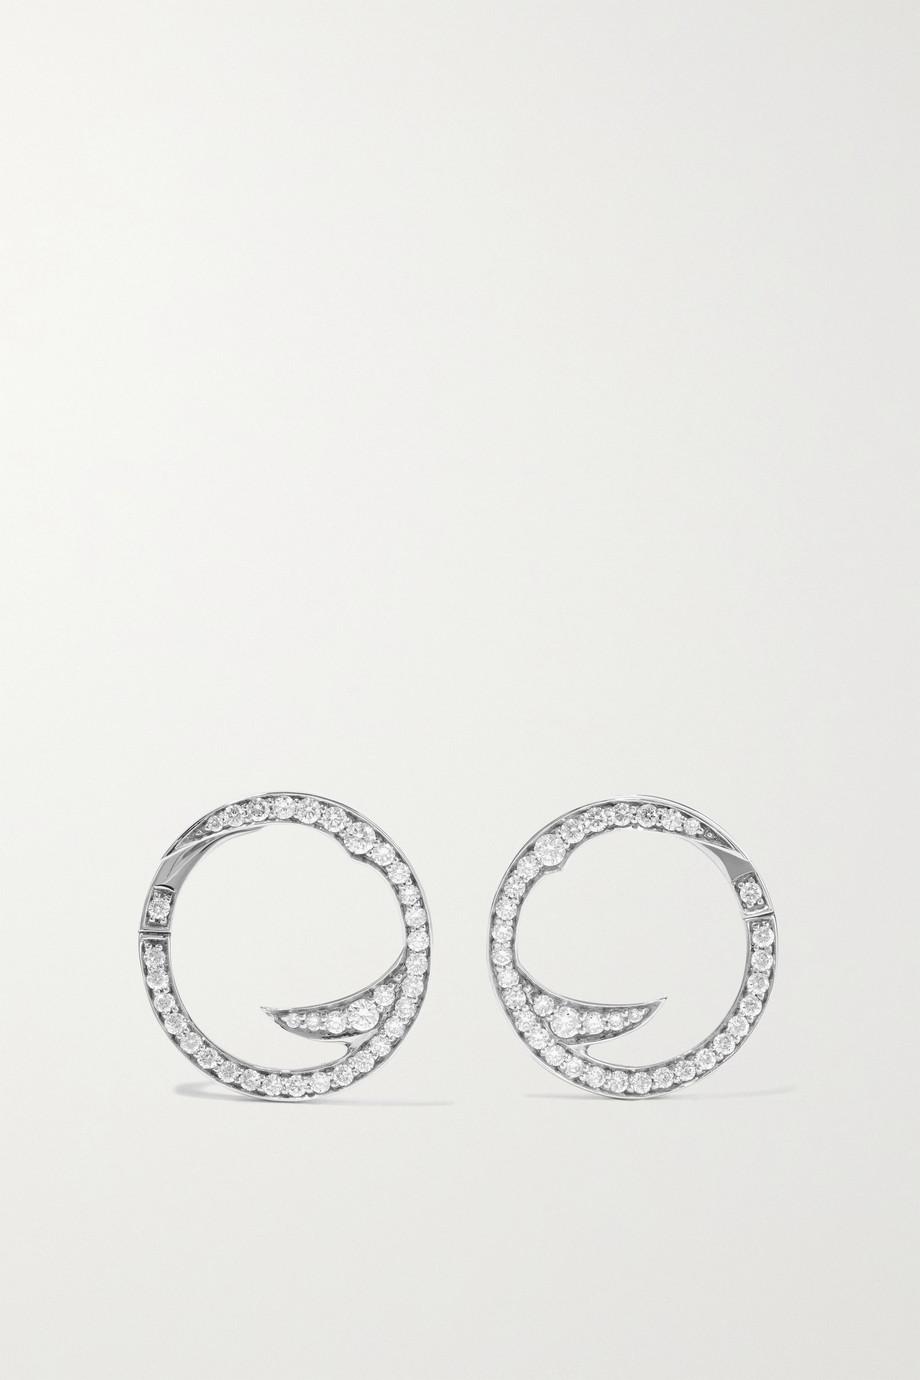 Stephen Webster + NET SUSTAIN Thorn Stem 18-karat recycled white gold diamond earrings